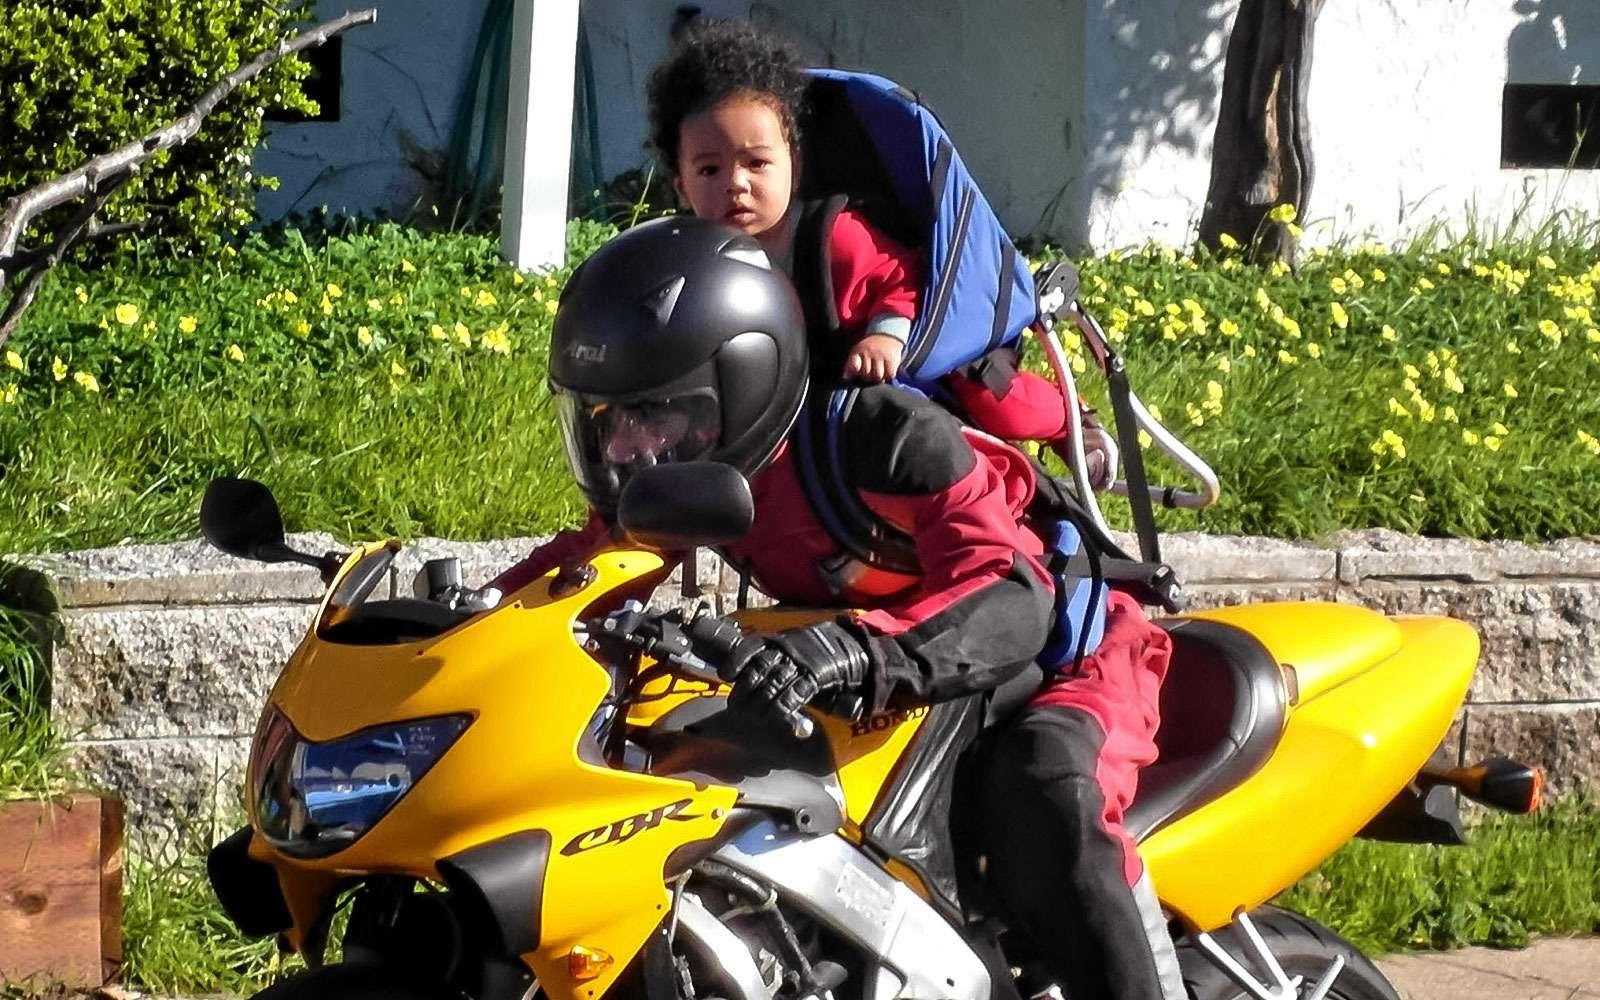 Перевозка детей намотоцикле